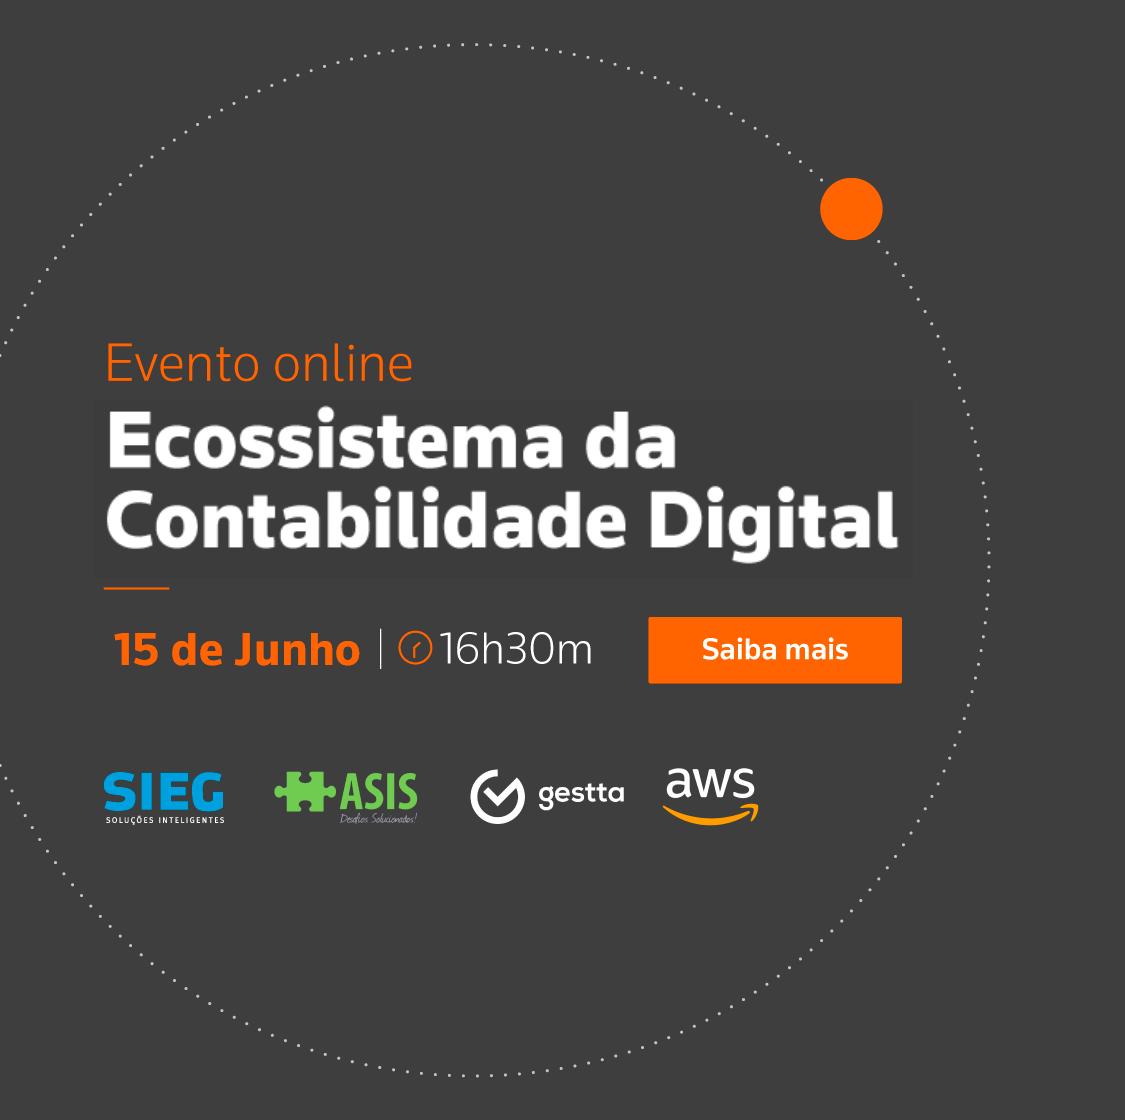 Ecossistema para a contabilidade digital - Evento Online